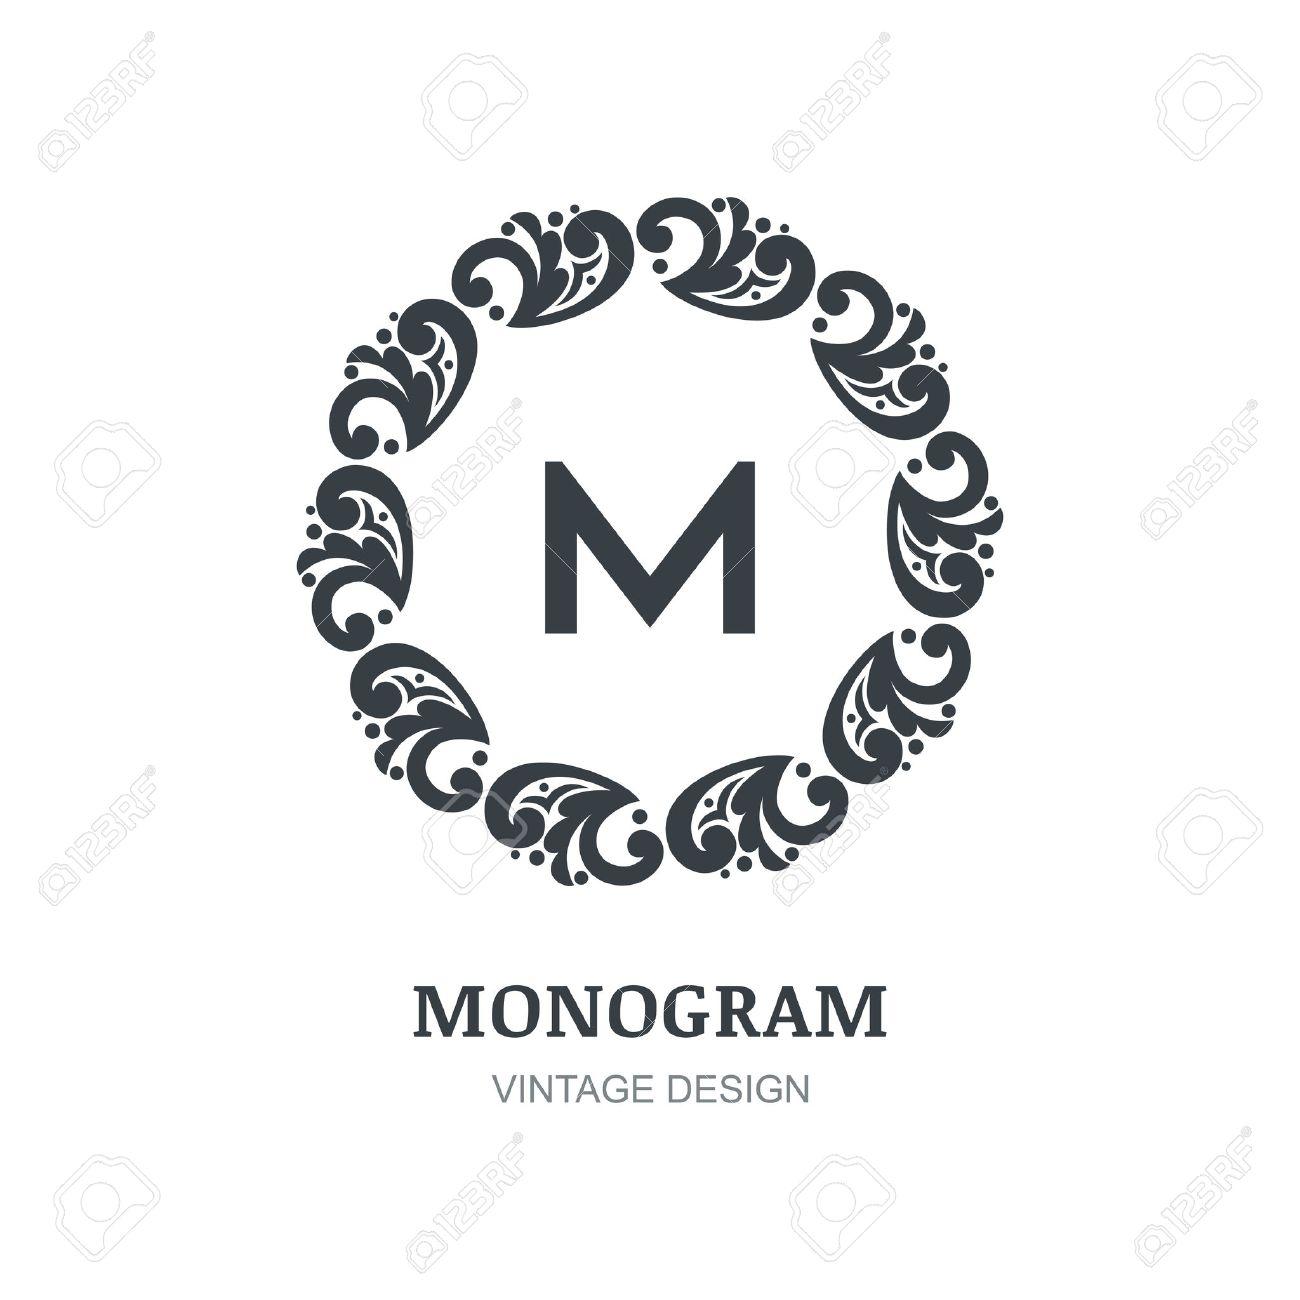 Free monogram logo design for wallpaper